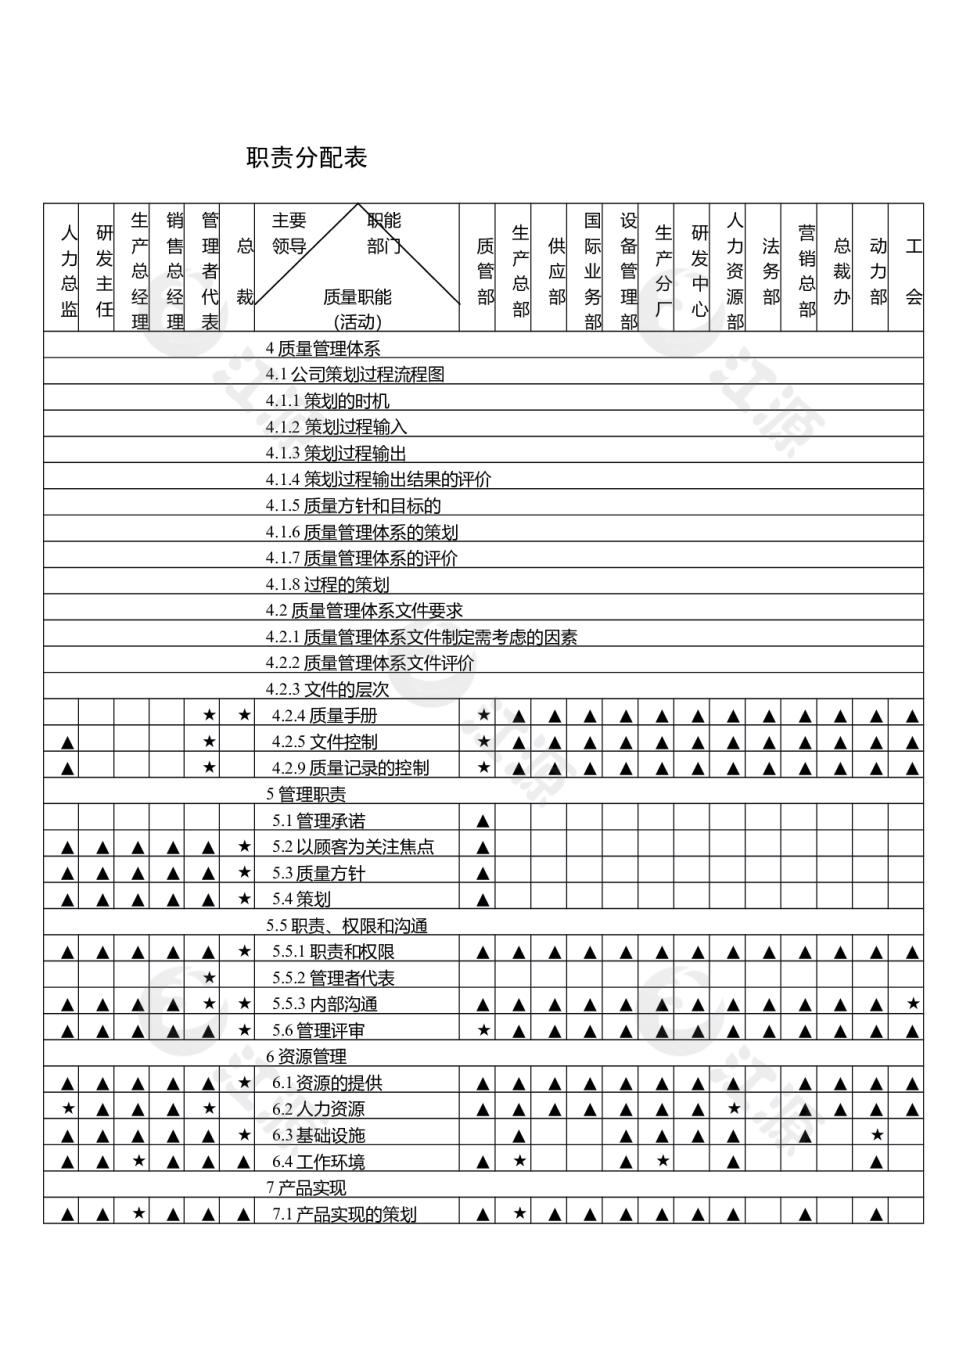 职责分配表